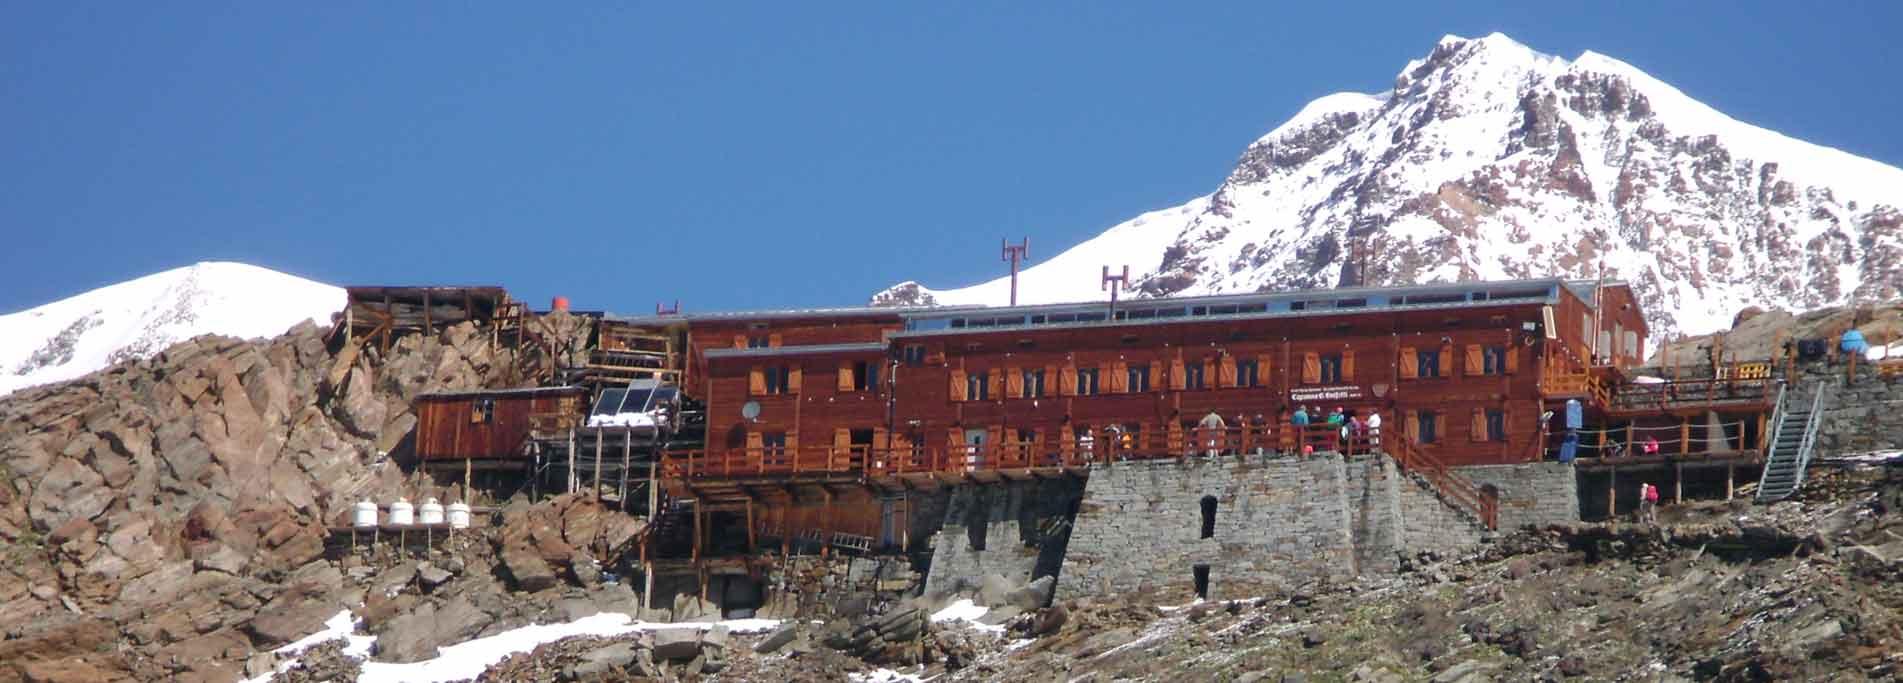 Da Alagna Valsesia al Rifugio Gnifetti del Monte Rosa